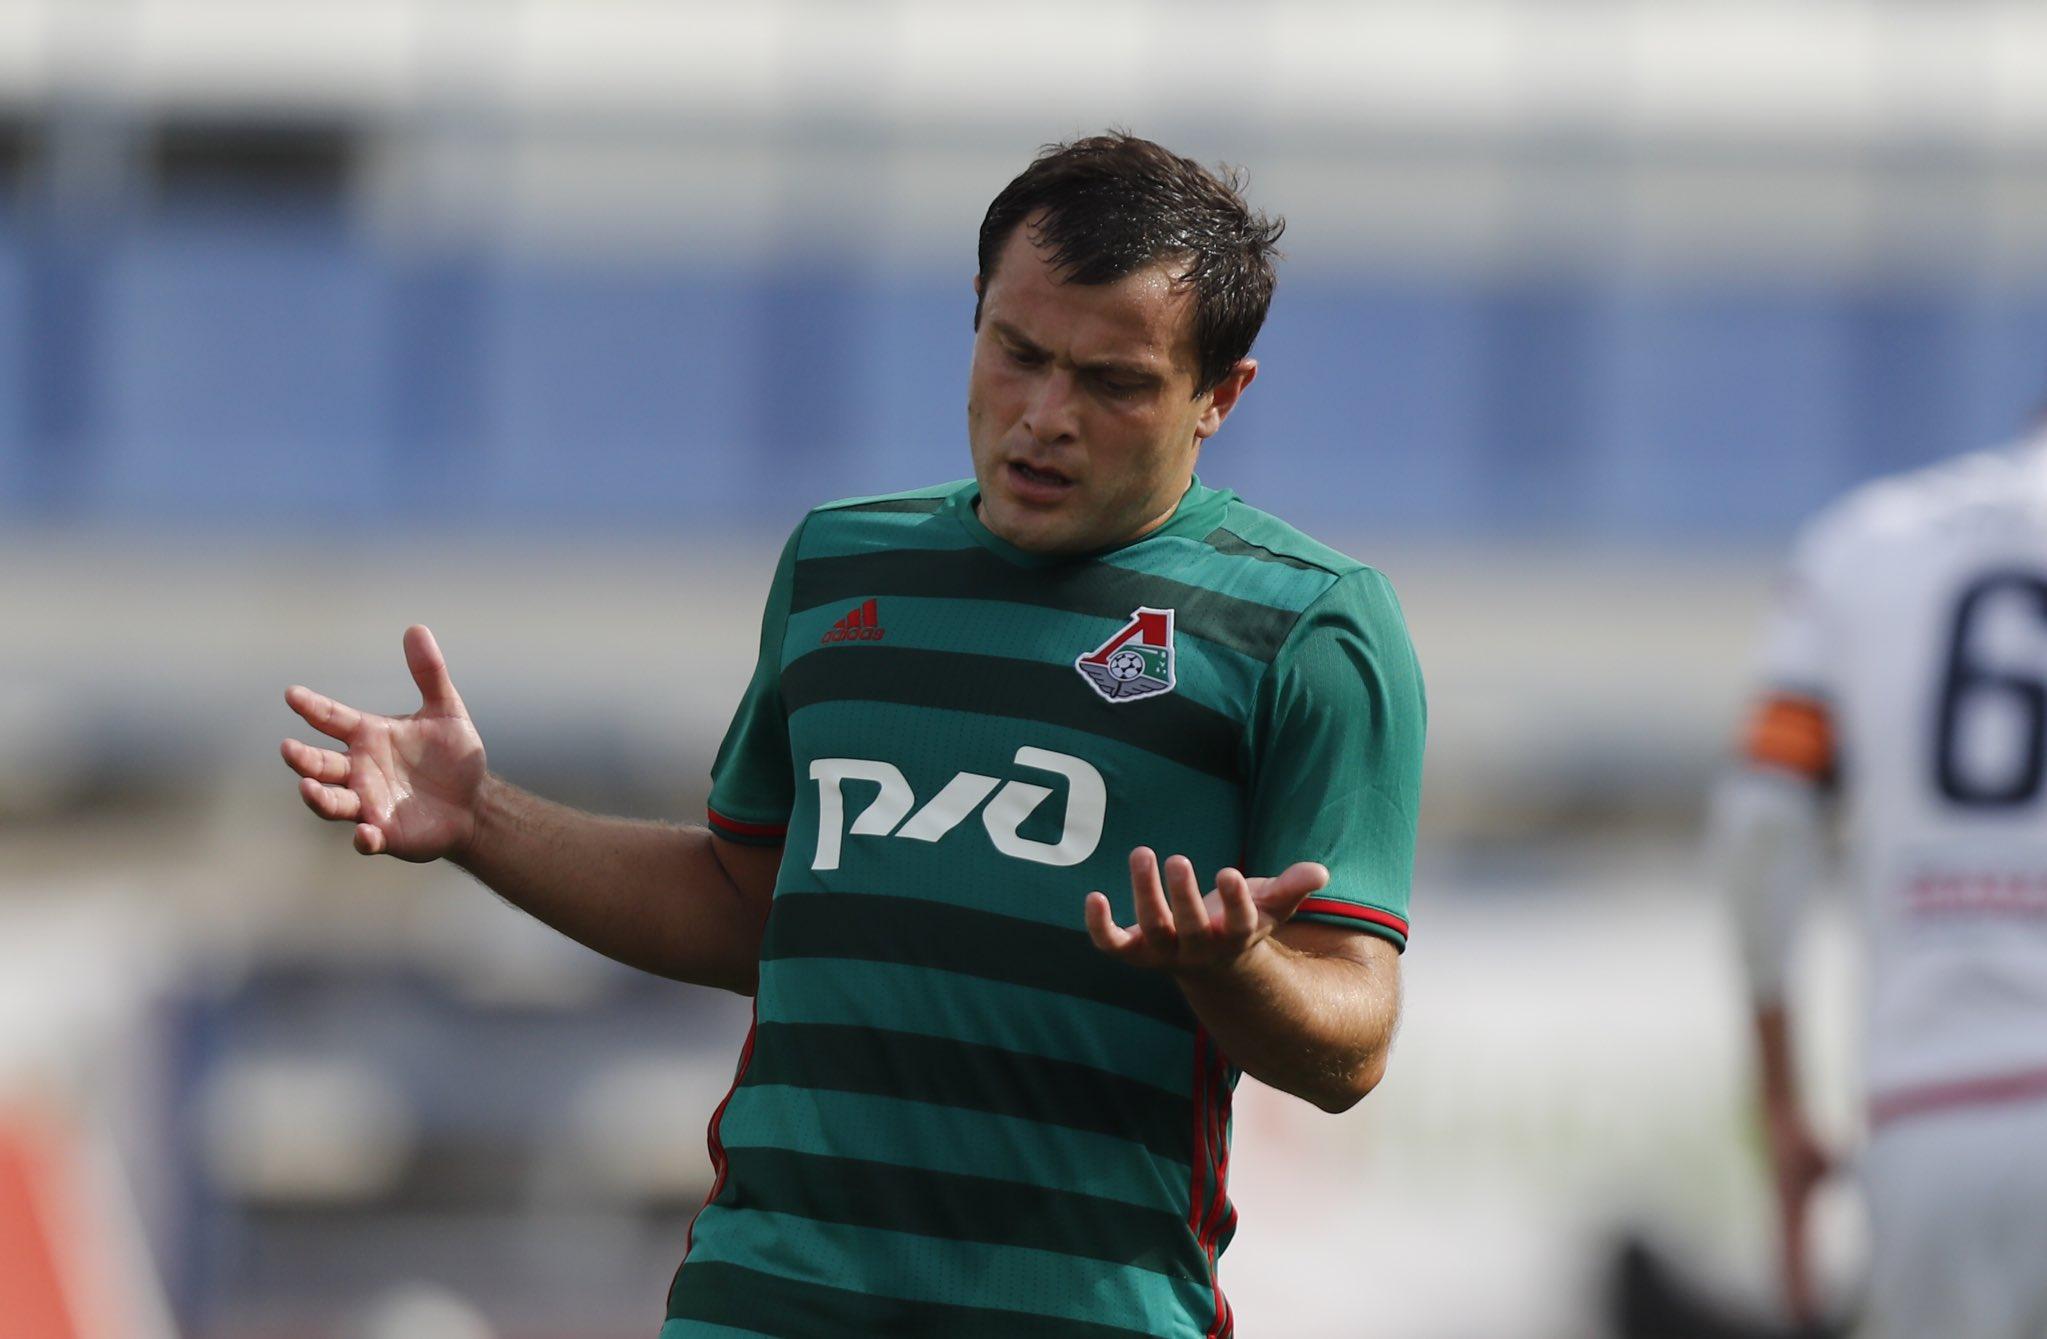 Алан Касаев: Цель – сборная (Полное интервью)